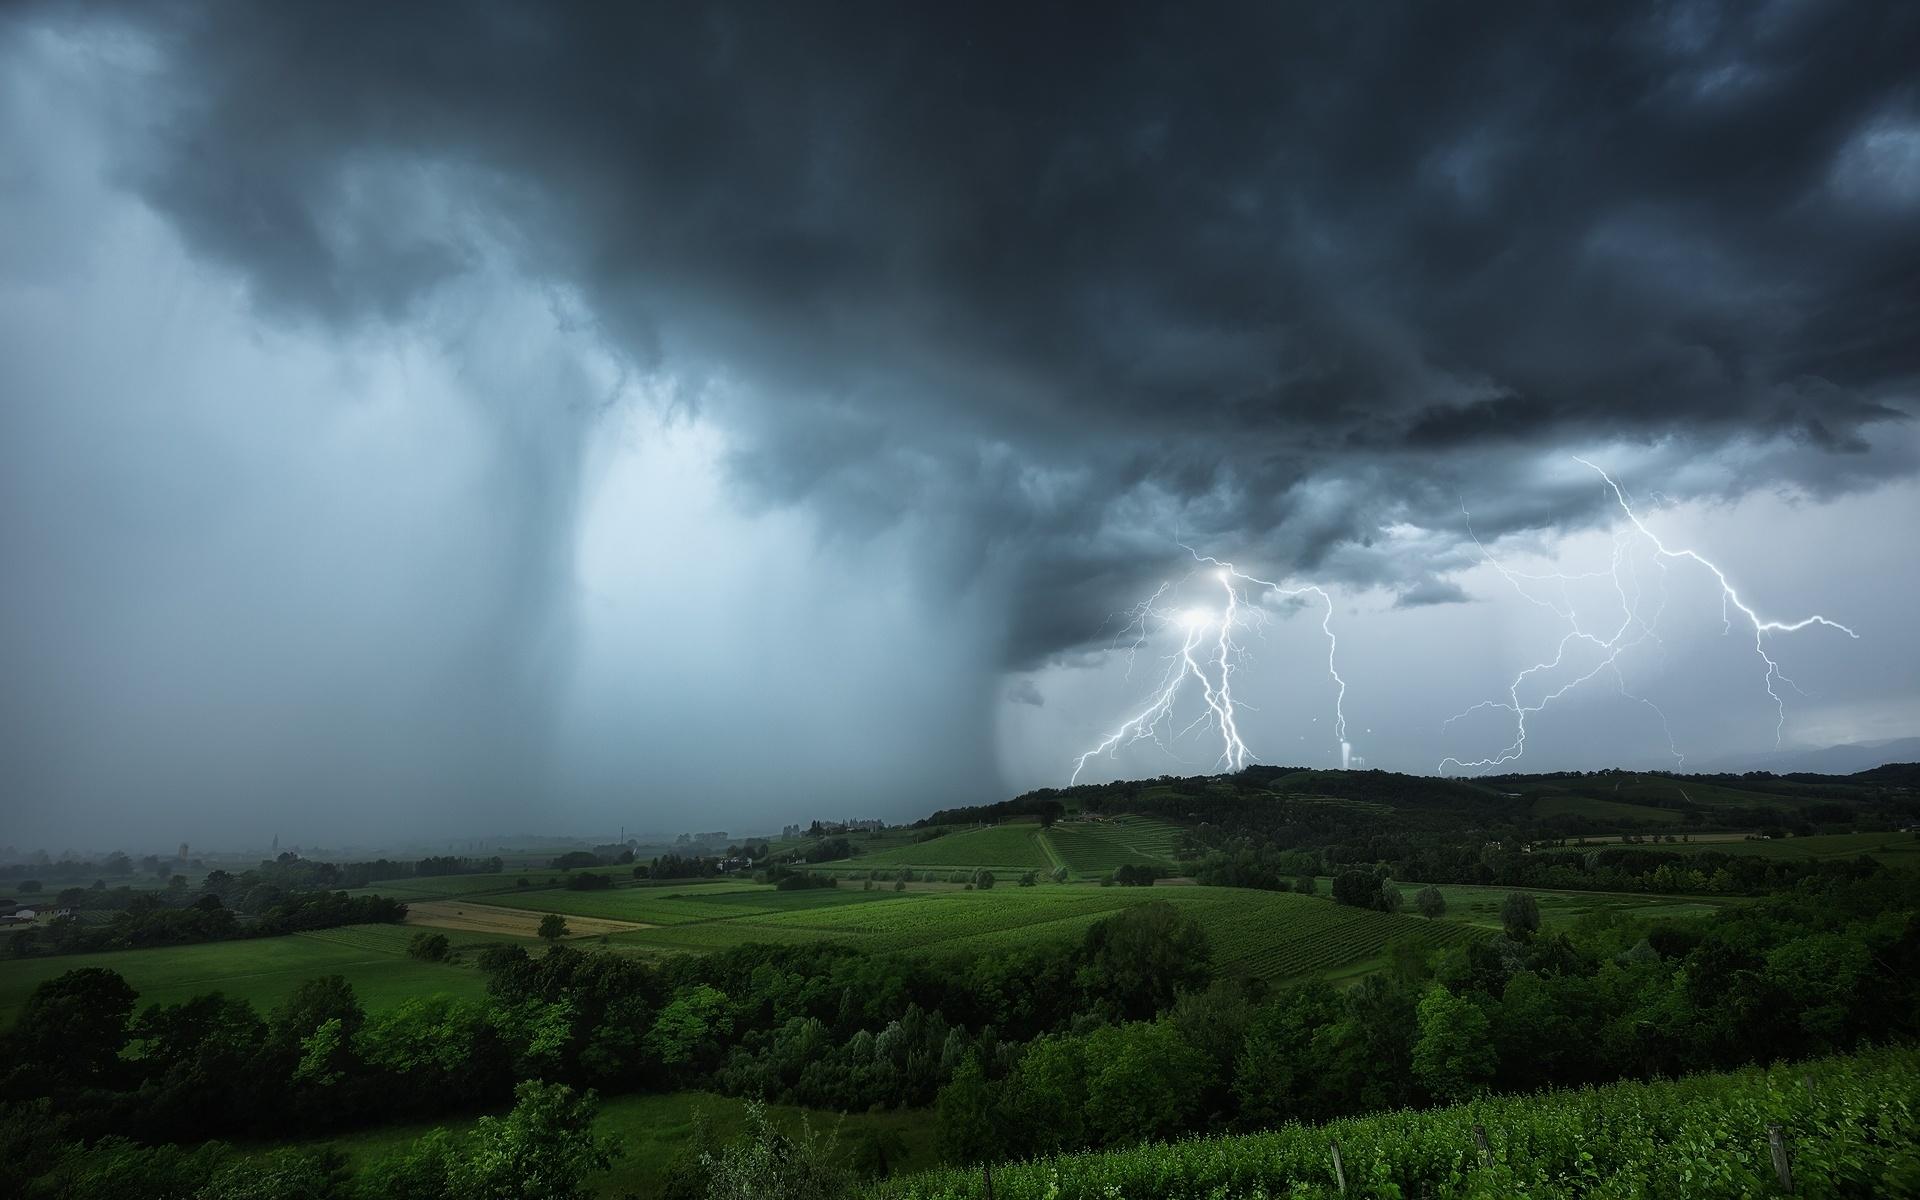 Мая, картинки с плохой погодой